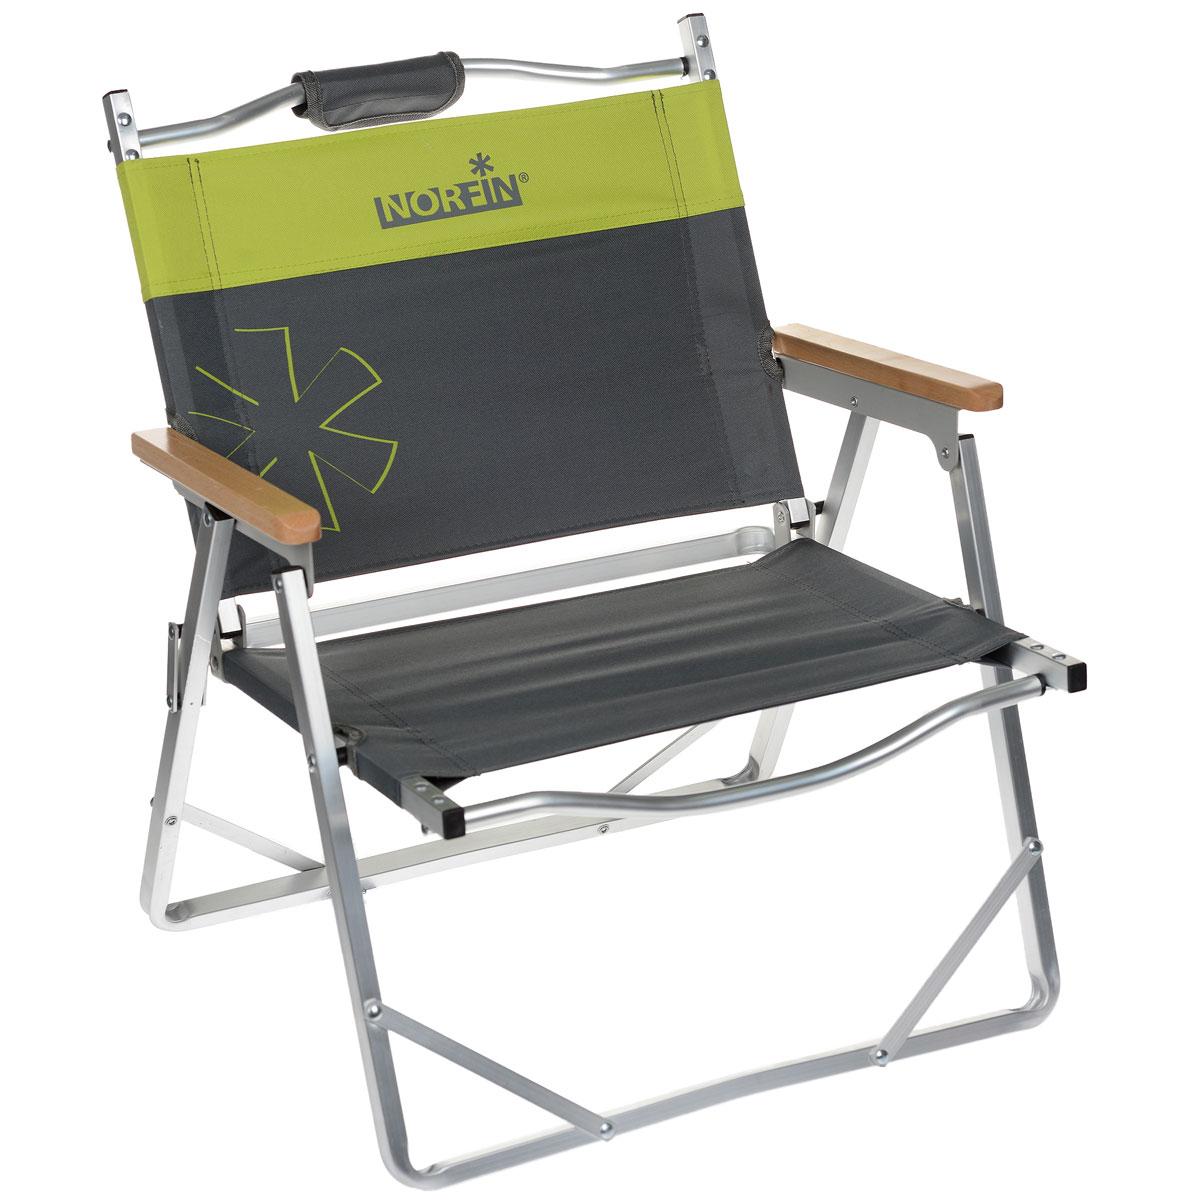 Кресло складное Norfin Alesund NF Alu, цвет: серый, желтый, 47 см х 54 см х 62 смNF-20213Невысокое складное кресло Norfin Alesund NF Alu - это незаменимый предмет походной мебели. Прочный и легкий каркас выполнен из алюминия. Оснащено деревянными подлокотниками. Легкое, очень удобно для переноски, так как в складном виде имеет ручки.